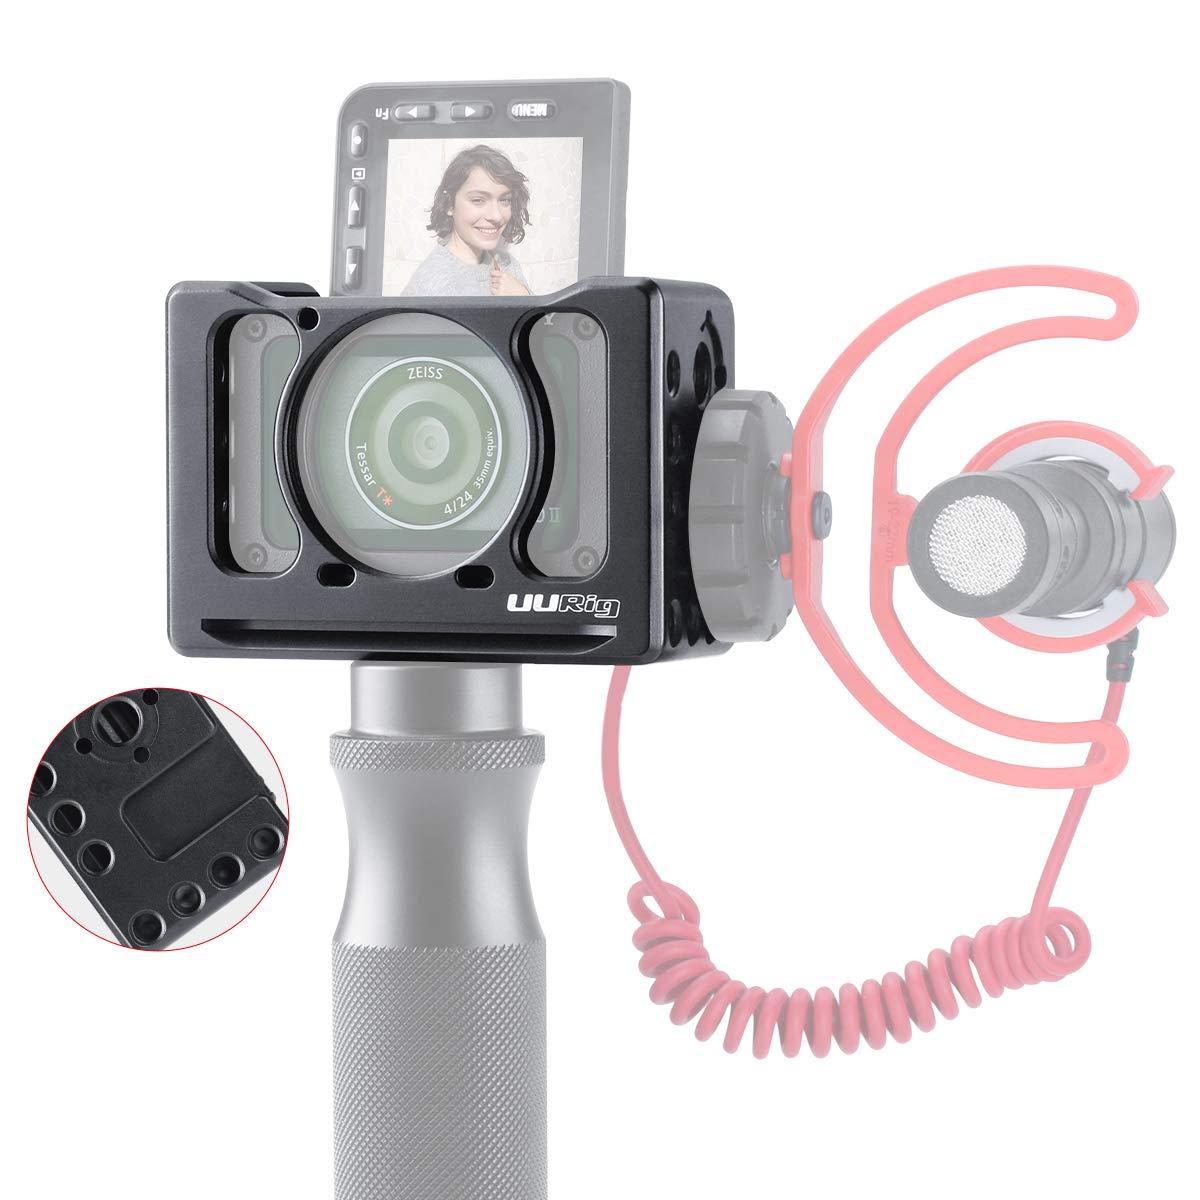 RX0 avec Griffe Froide pour Fixer Le Microphone Selfie Vlog Accessoires vid/éo Adaptateur dobjectif de 37MM Arri Hole Fixation Rapide Cage dextension en m/étal UURig C-RX0 II pour Sony RX0 II